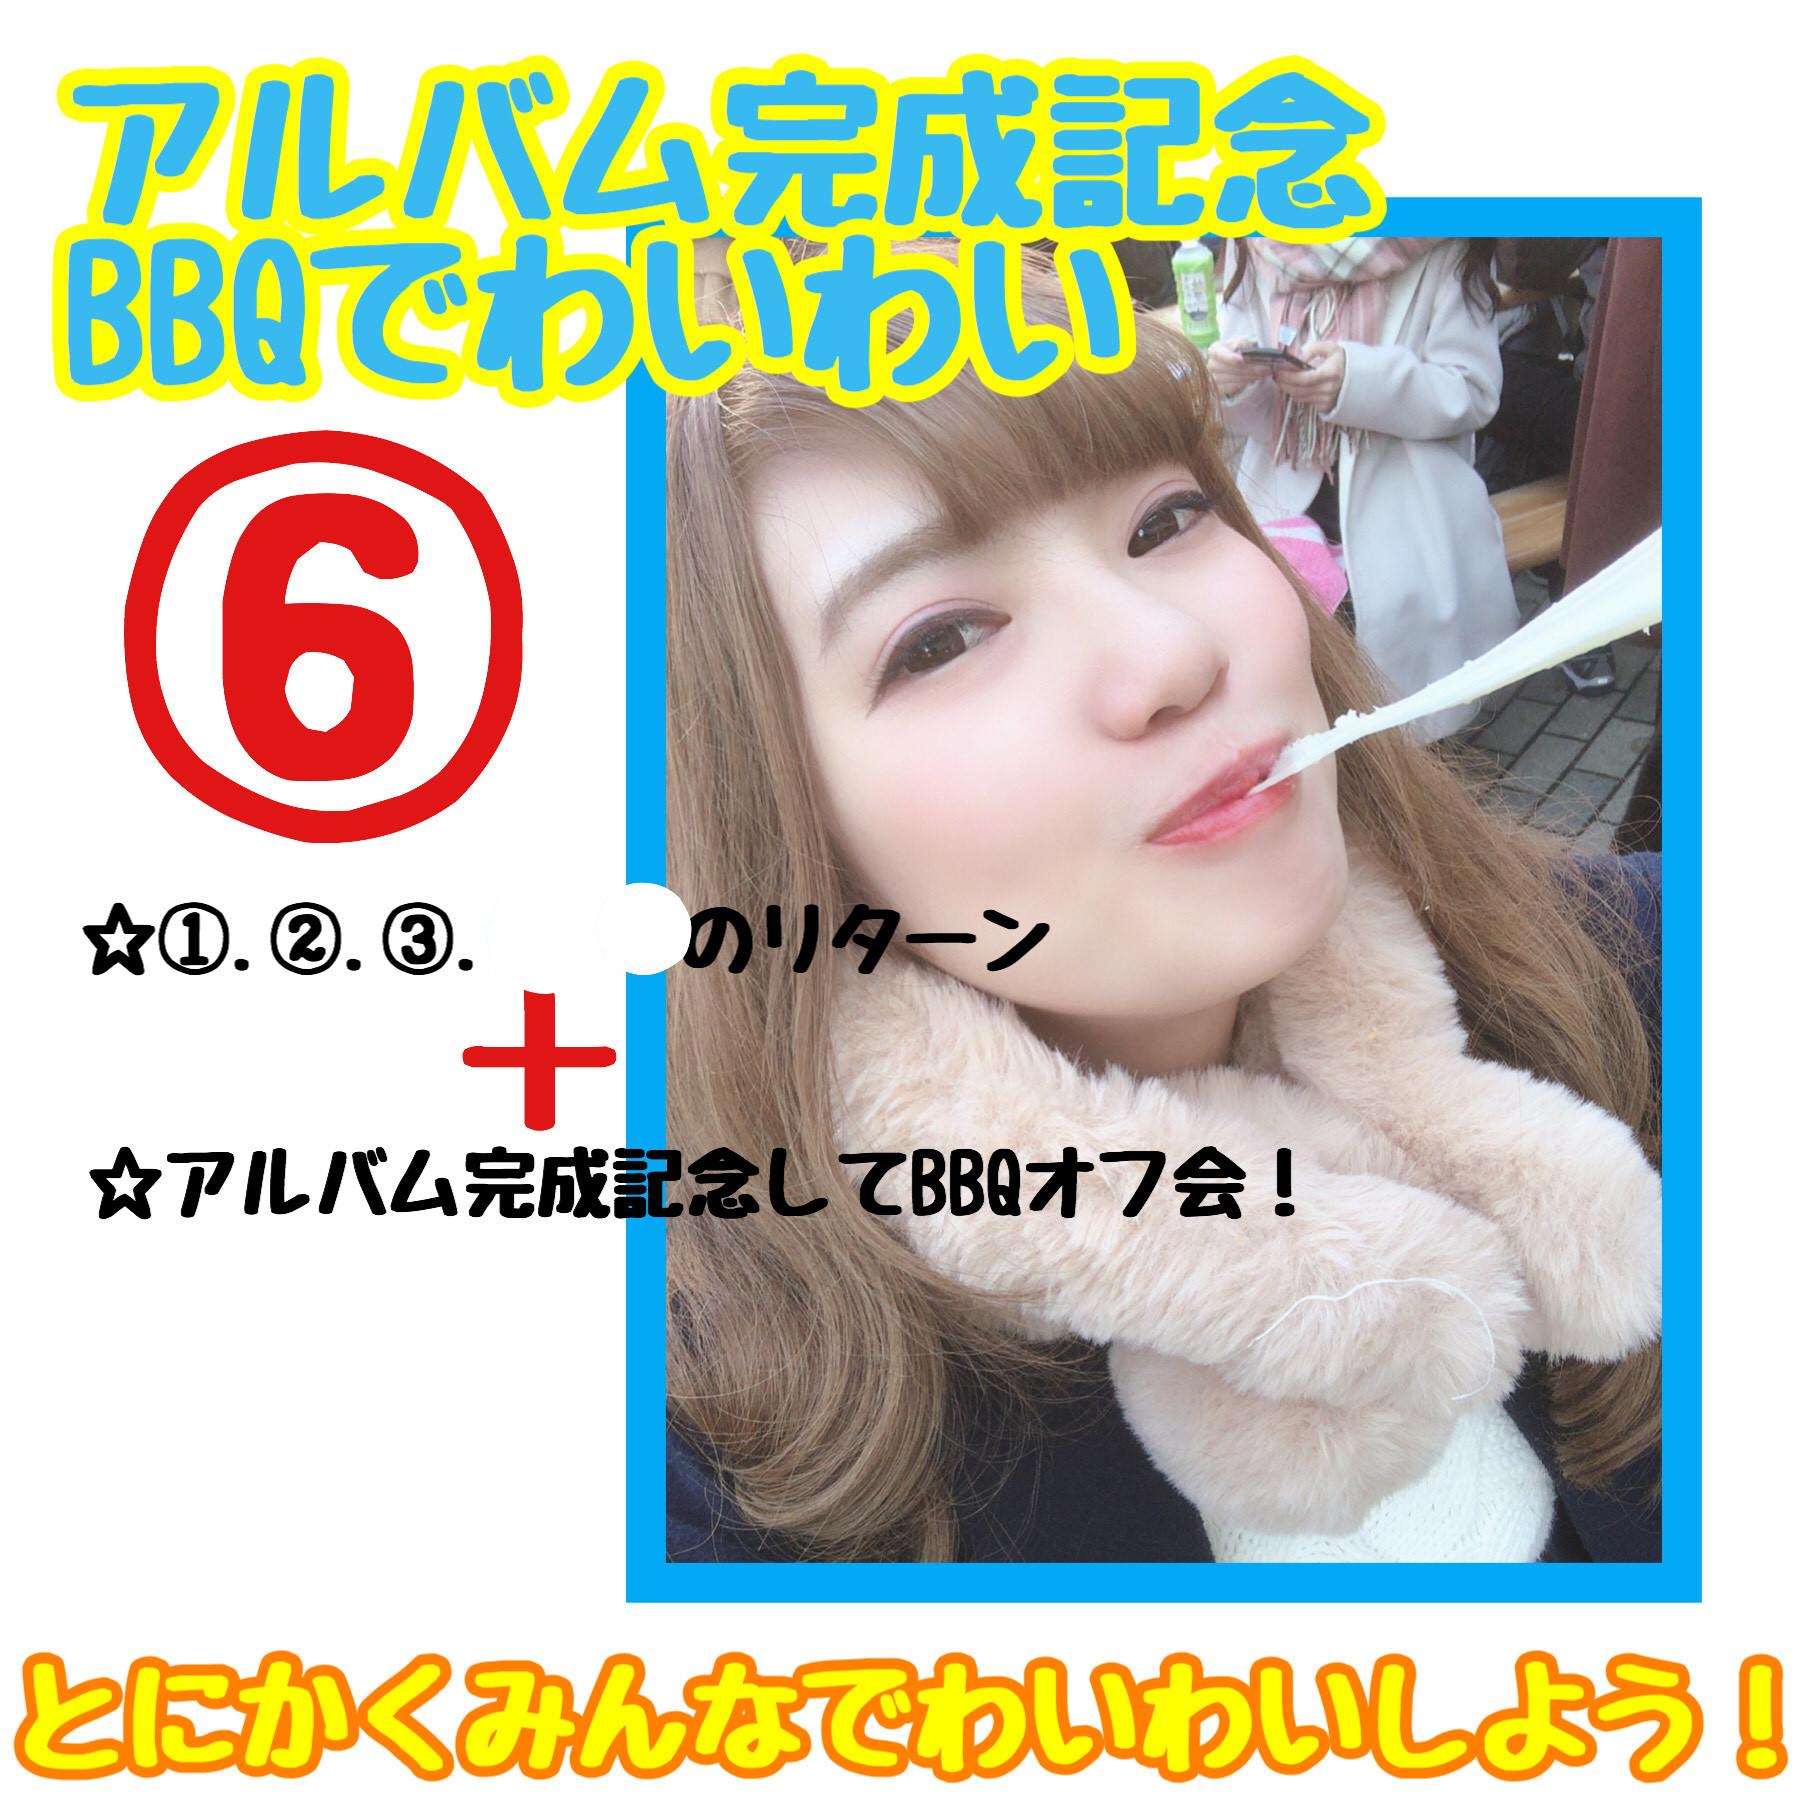 <アルバム完成記念BBQ大会プラン>